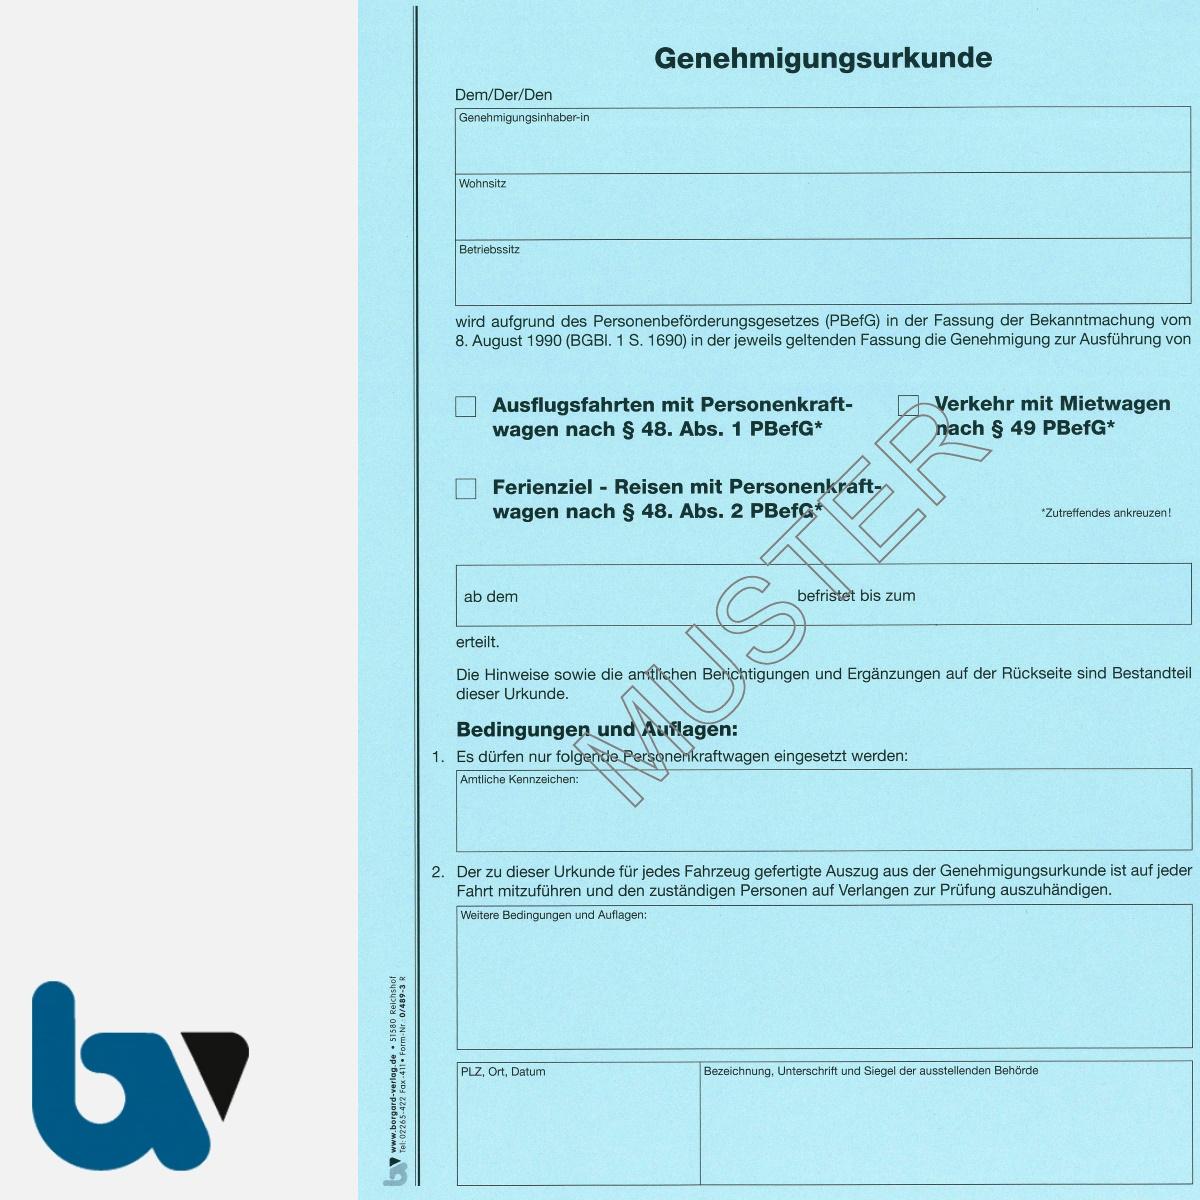 0/489-3 Genehmigungsurkunde Personenbeförderung PBefG Ausflugsfahrten Verkehr Mietwagen Reisen Ferienziel 2-fach Karton blau DIN A4 Seite 1 | Borgard Verlag GmbH